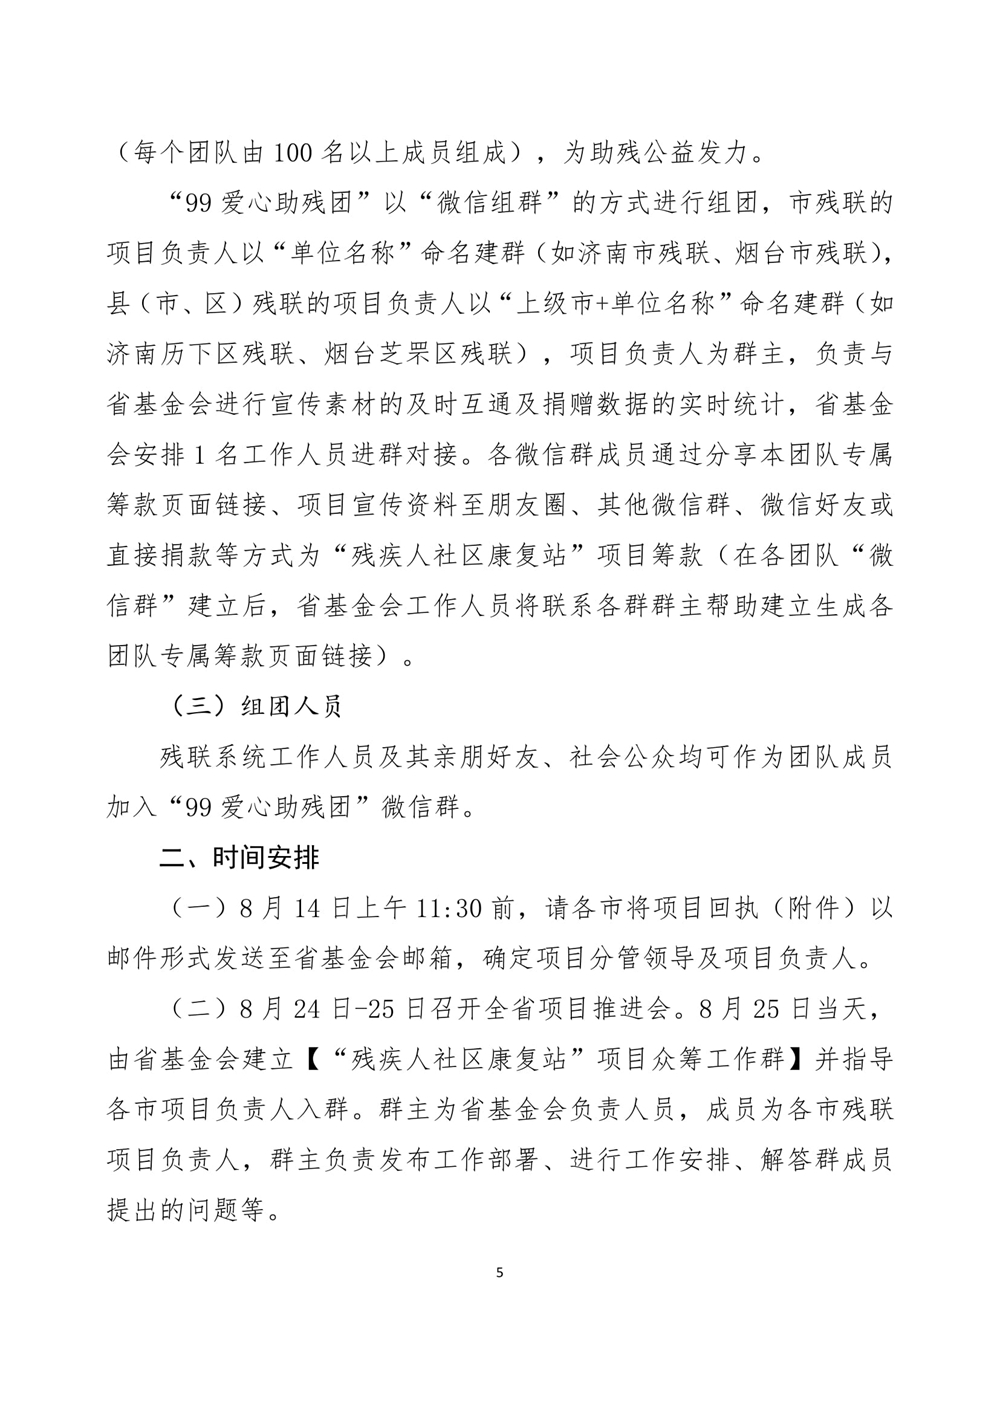 """1、关于召开2020年腾讯""""99公益日""""""""残疾人社区康复站""""项目推进会的函-5.jpg"""